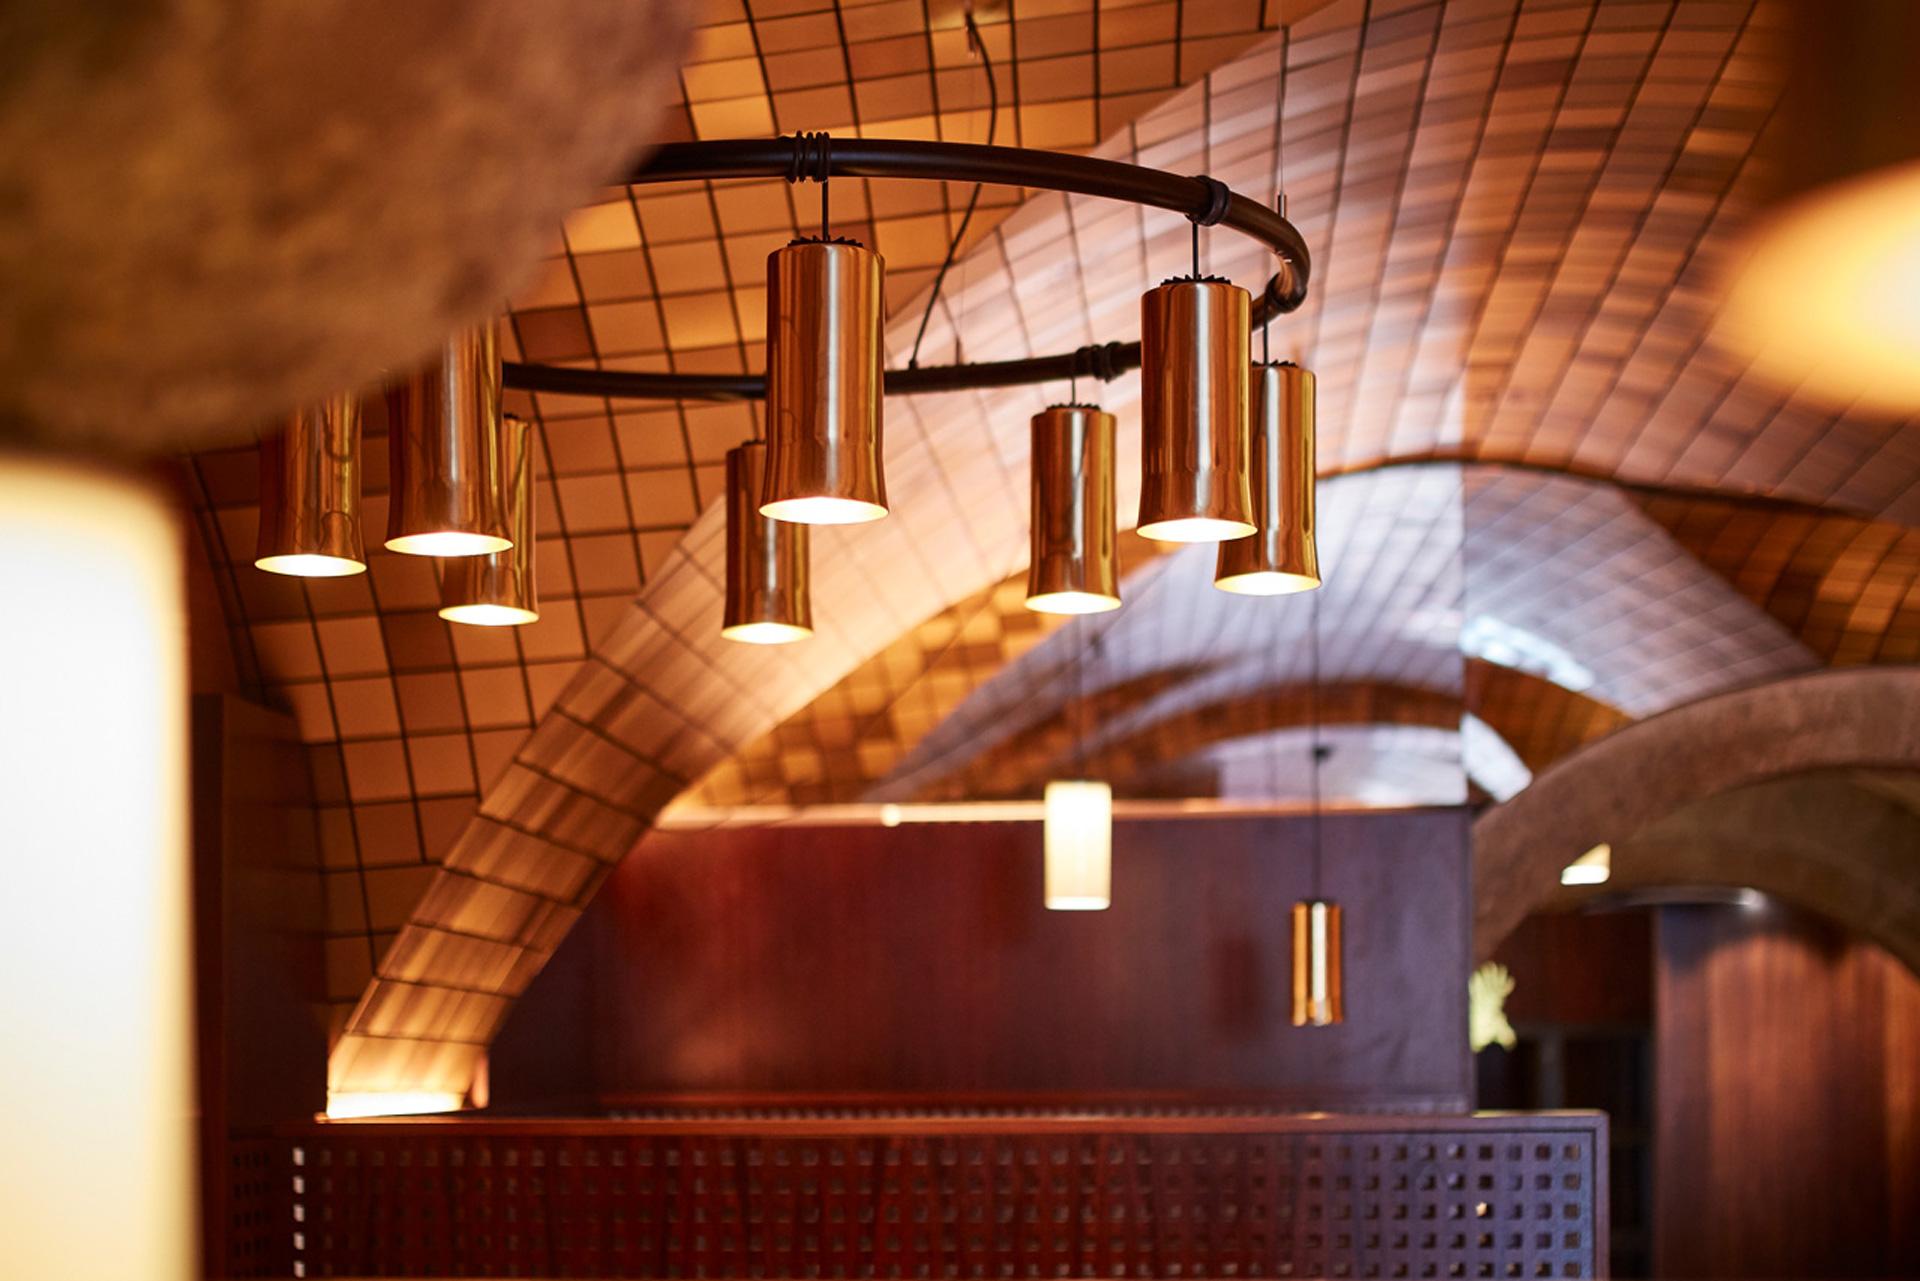 Innenausstattung des Restaurants K & K in Salzburg - von der Tischlerei Berger